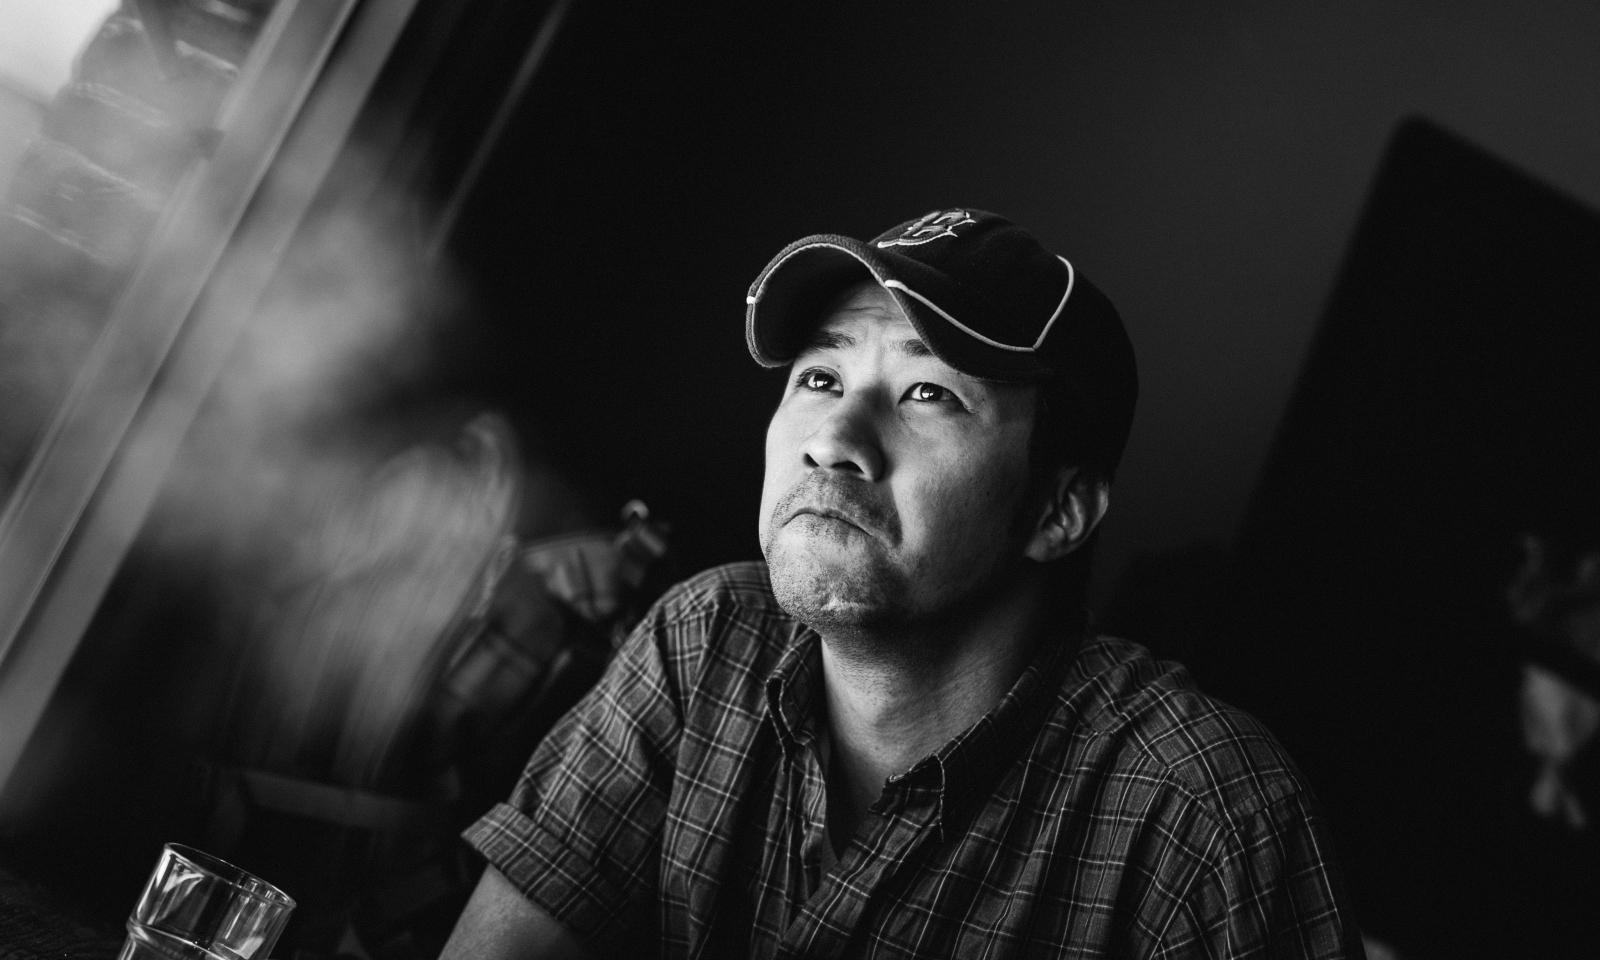 演員是沒有自我的人,去感受和愛人,用真的演假的 ──專訪黃健瑋